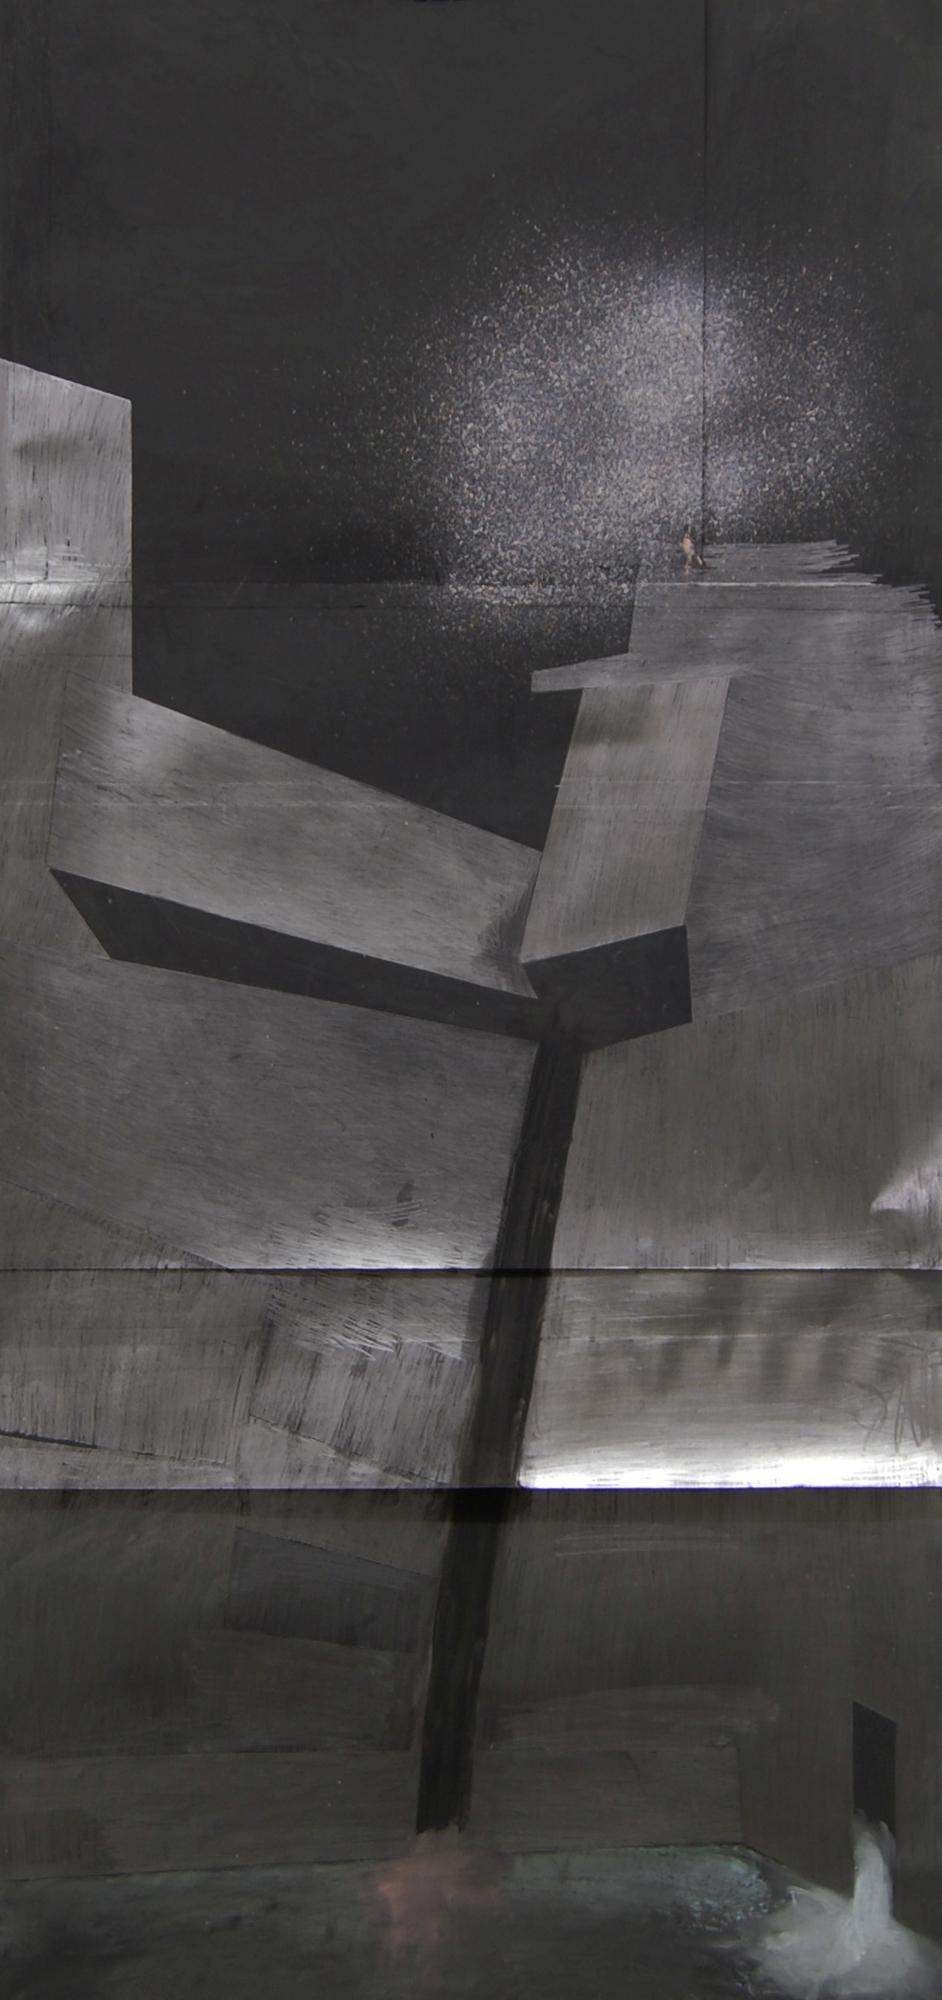 מבנה_פחם, גרפיט, גירים, ספריי תעשייתי על נייר_2012.jpg